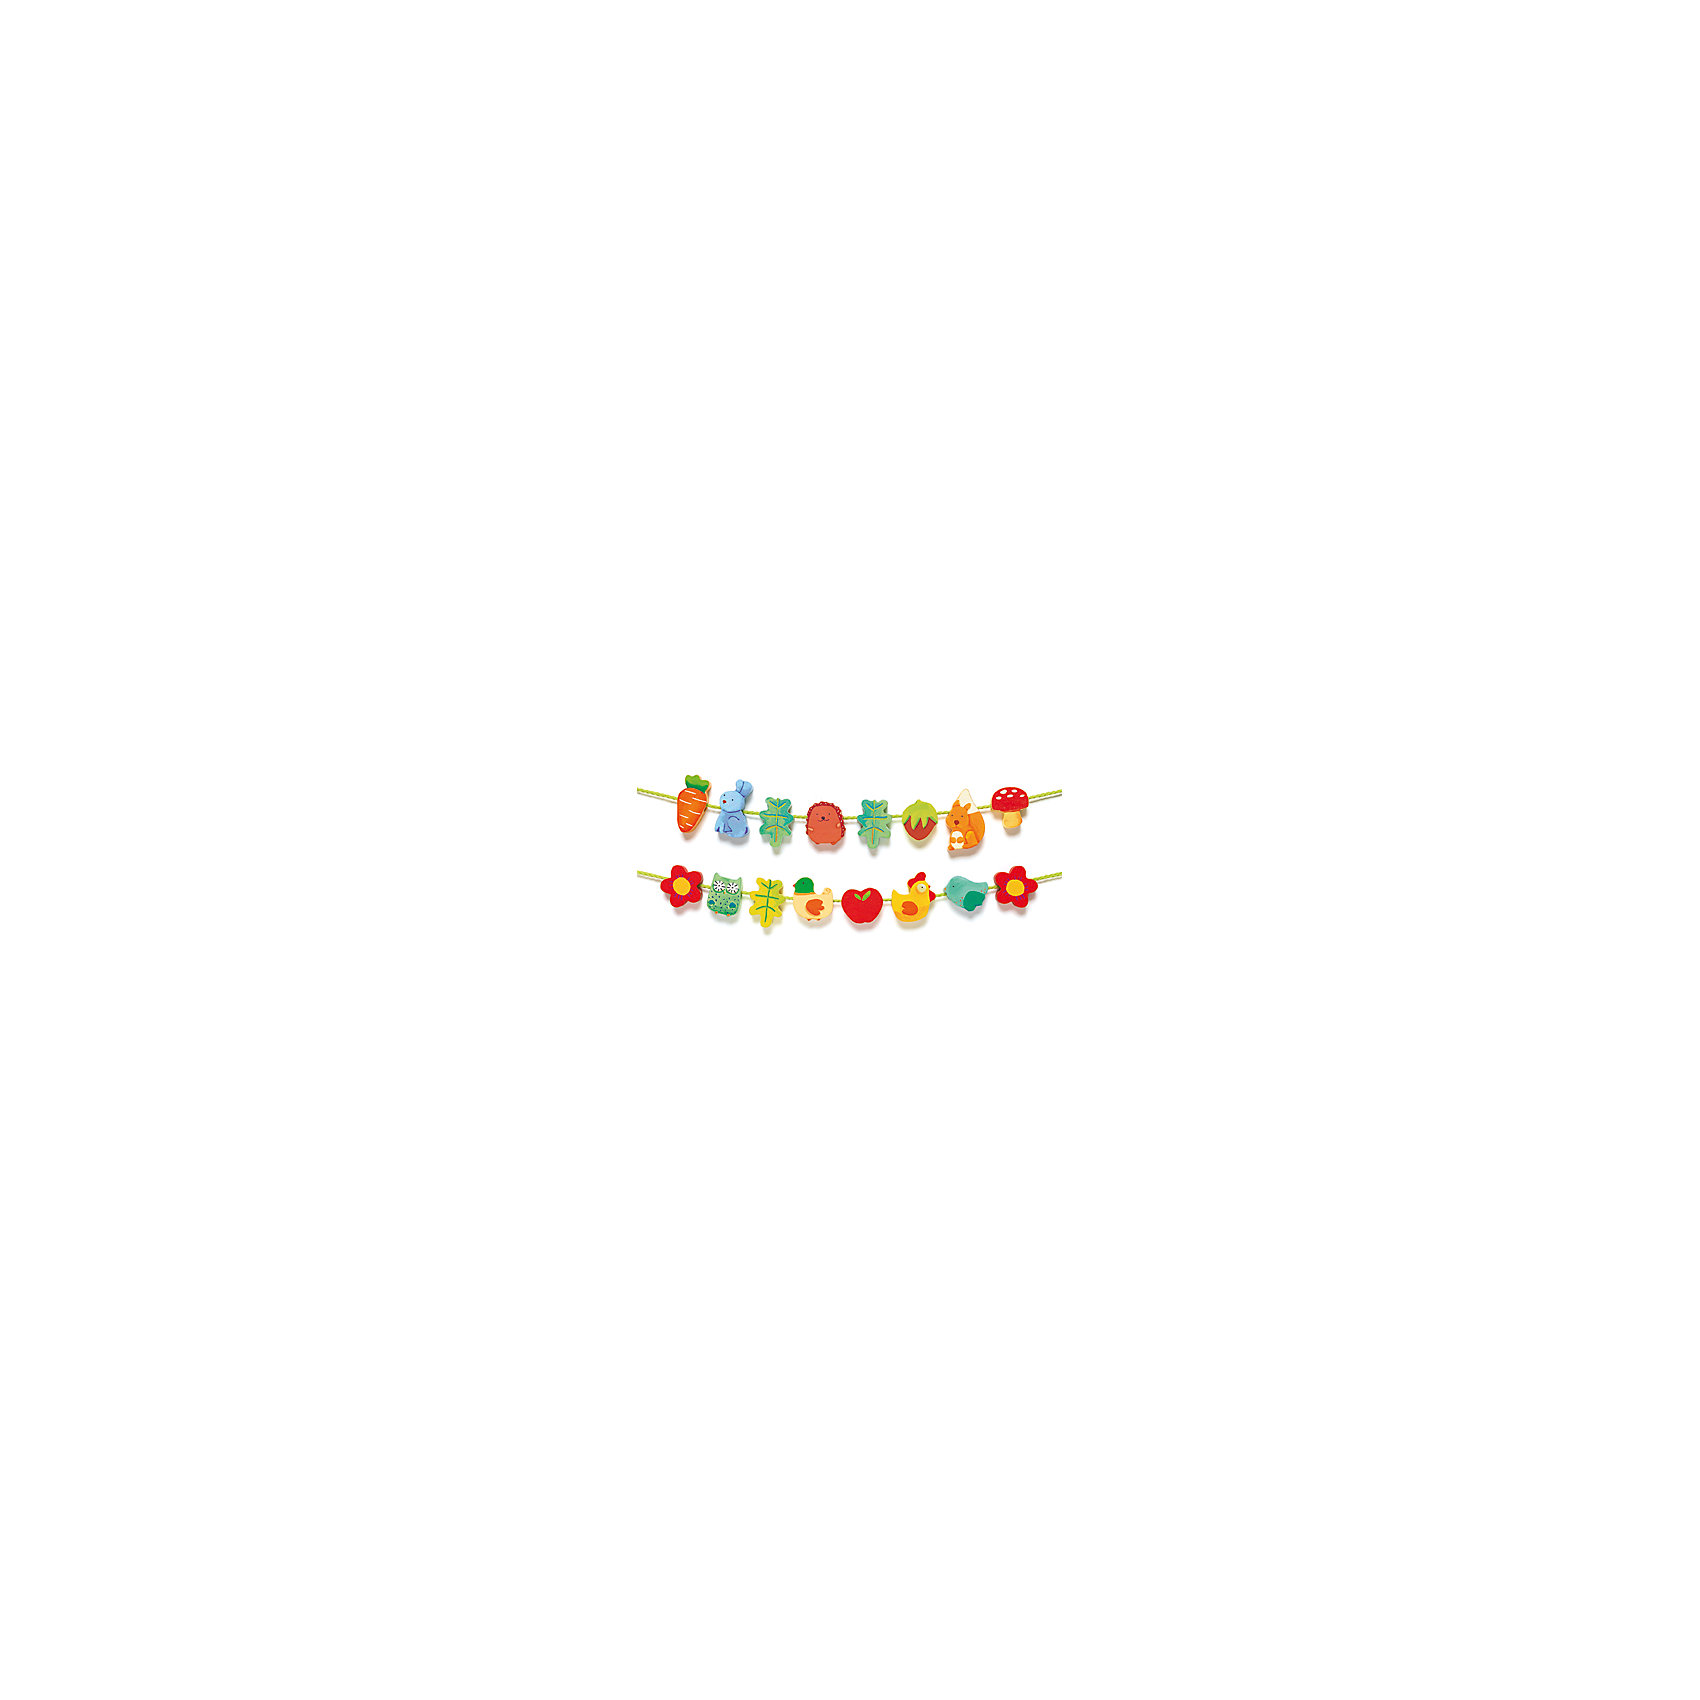 Шнуровка – бусы «Сад» , DJECOШнуровки<br>Разноцветная и невероятно приятная на ощупь шнуровка способствует развитию мелкой моторики малышей, а также в игровой форме знакомит ребенка с забавными животными. Малыш будет с удовольствием нанизывать яркие, разные по форме «бусины», и каждый раз у него будут получаться новые бусы. Это увлекательное занятие развивает в ребенке чувство прекрасного, понимание пропорций, начальное знание цветов. Каждая бусинка ярко раскрашена, идеально обработана, имеет удобный для детских рук размер, не имеет острых углов. Шнуровка – бусы «Сад» изготовлена из  безопасных, экологически чистых материалов. <br><br>Дополнительная информация:<br><br>- Материал: дерево, текстиль.<br>- Размер упаковки: 28х12х2,5 см.<br>- В комплекте: 18 деревянных деталей, 2 шнурка.<br><br>Шнуровку – бусы «Сад» , DJECO (Джеко), можно купить в нашем магазине.<br><br>Ширина мм: 280<br>Глубина мм: 120<br>Высота мм: 30<br>Вес г: 250<br>Возраст от месяцев: 24<br>Возраст до месяцев: 48<br>Пол: Унисекс<br>Возраст: Детский<br>SKU: 4051888